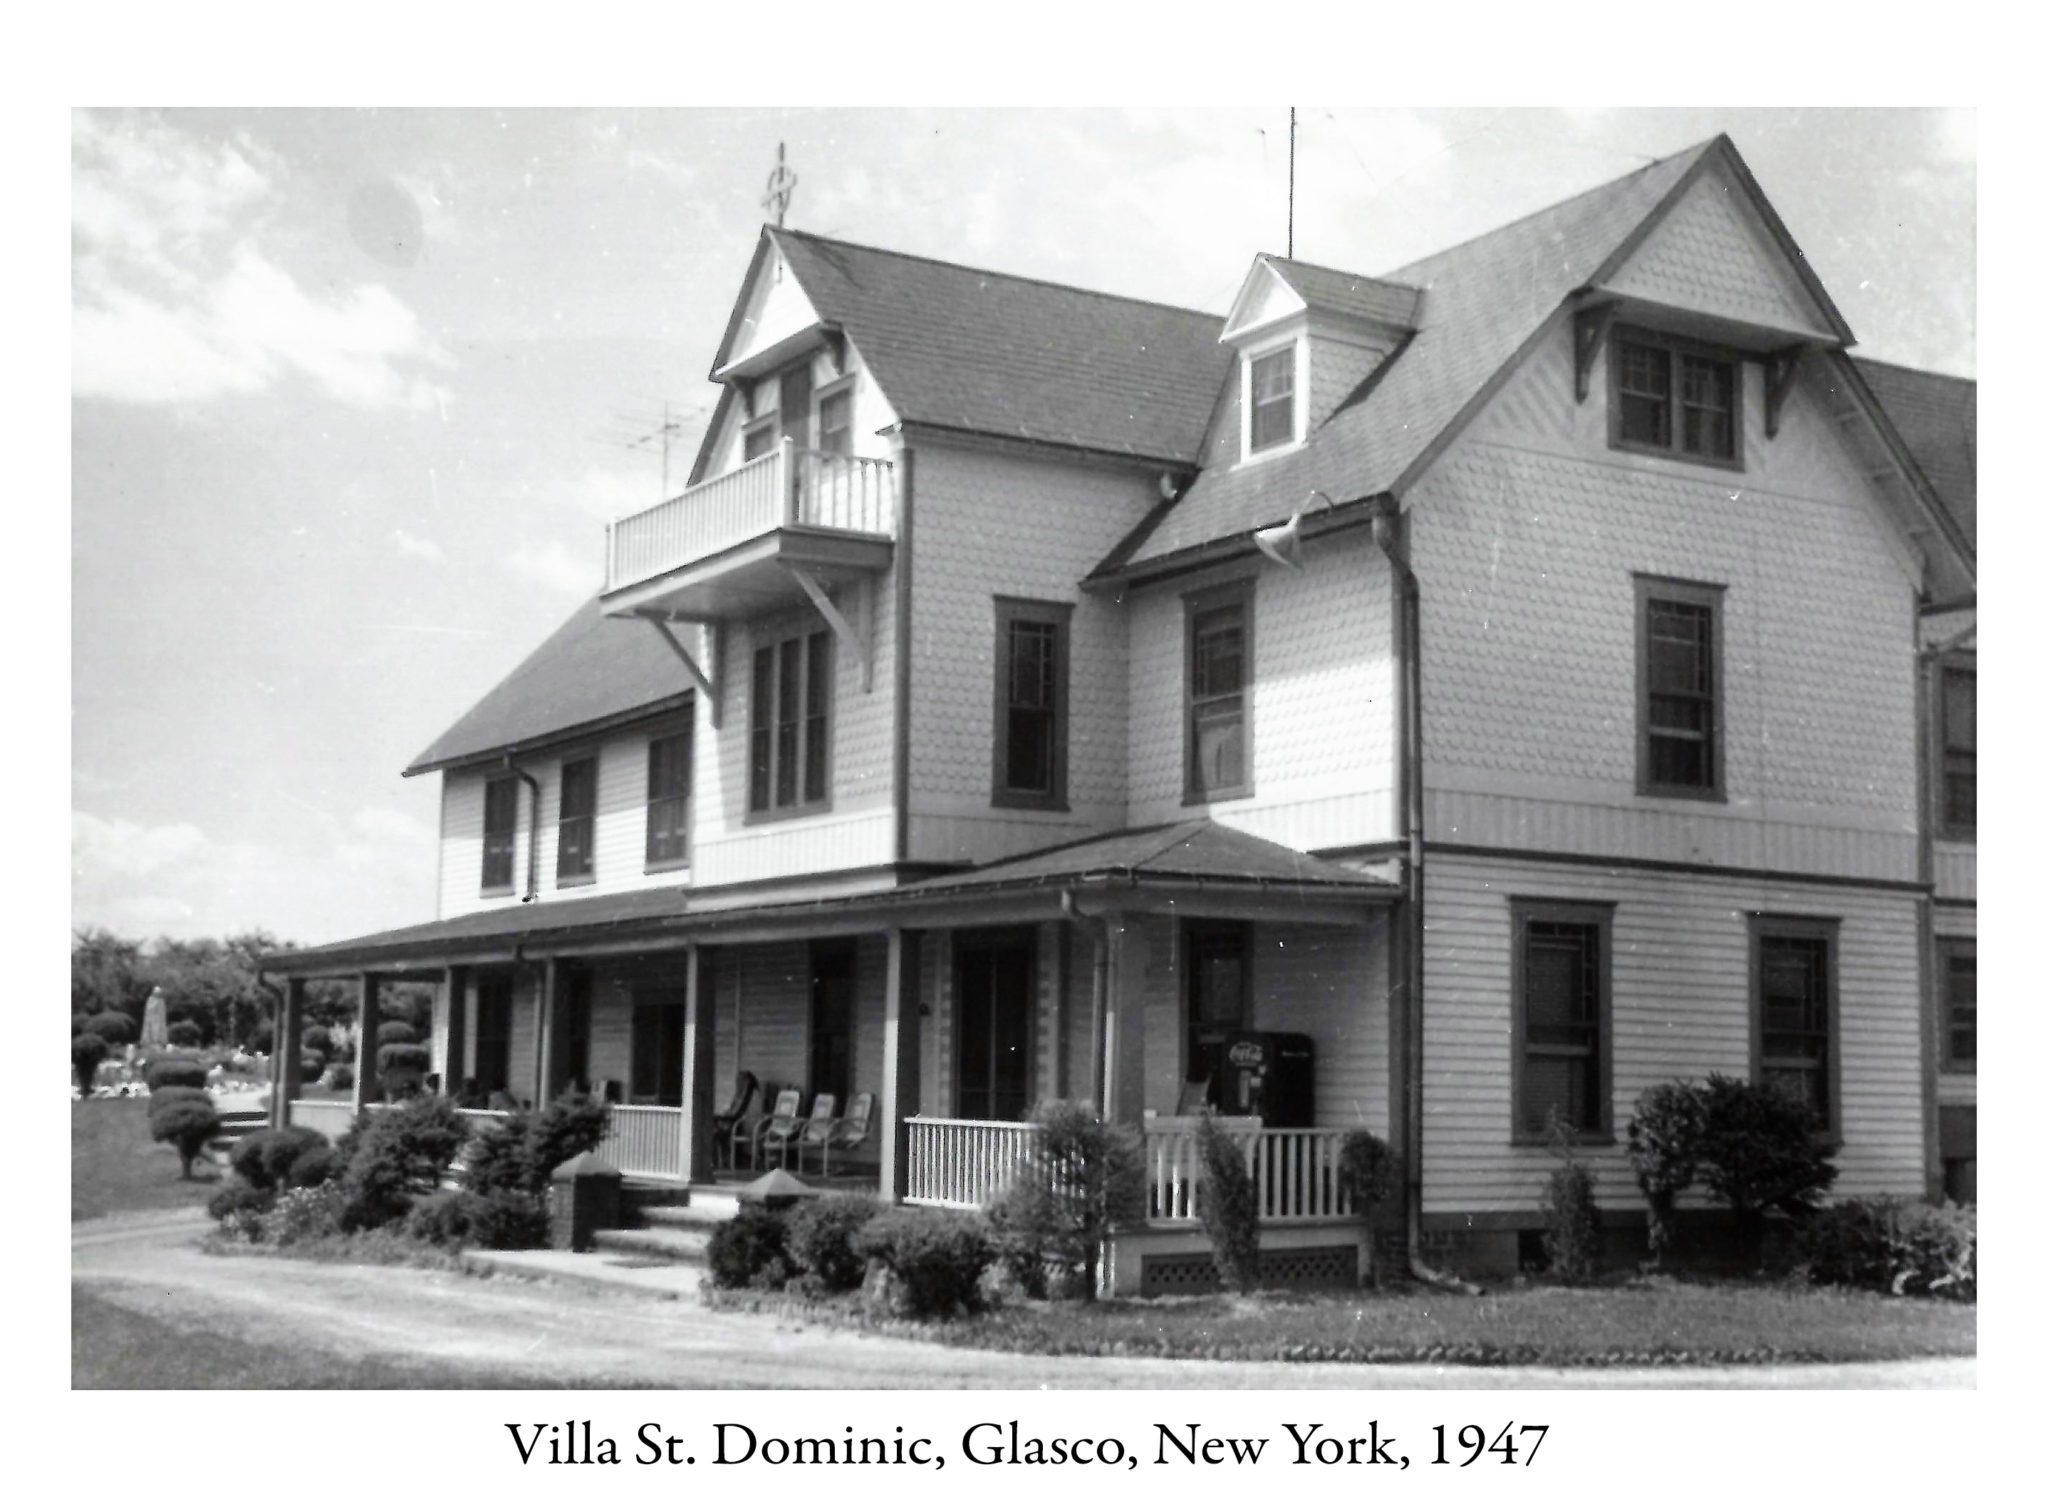 1947 – Villa St. Dominic in Glasco, NY